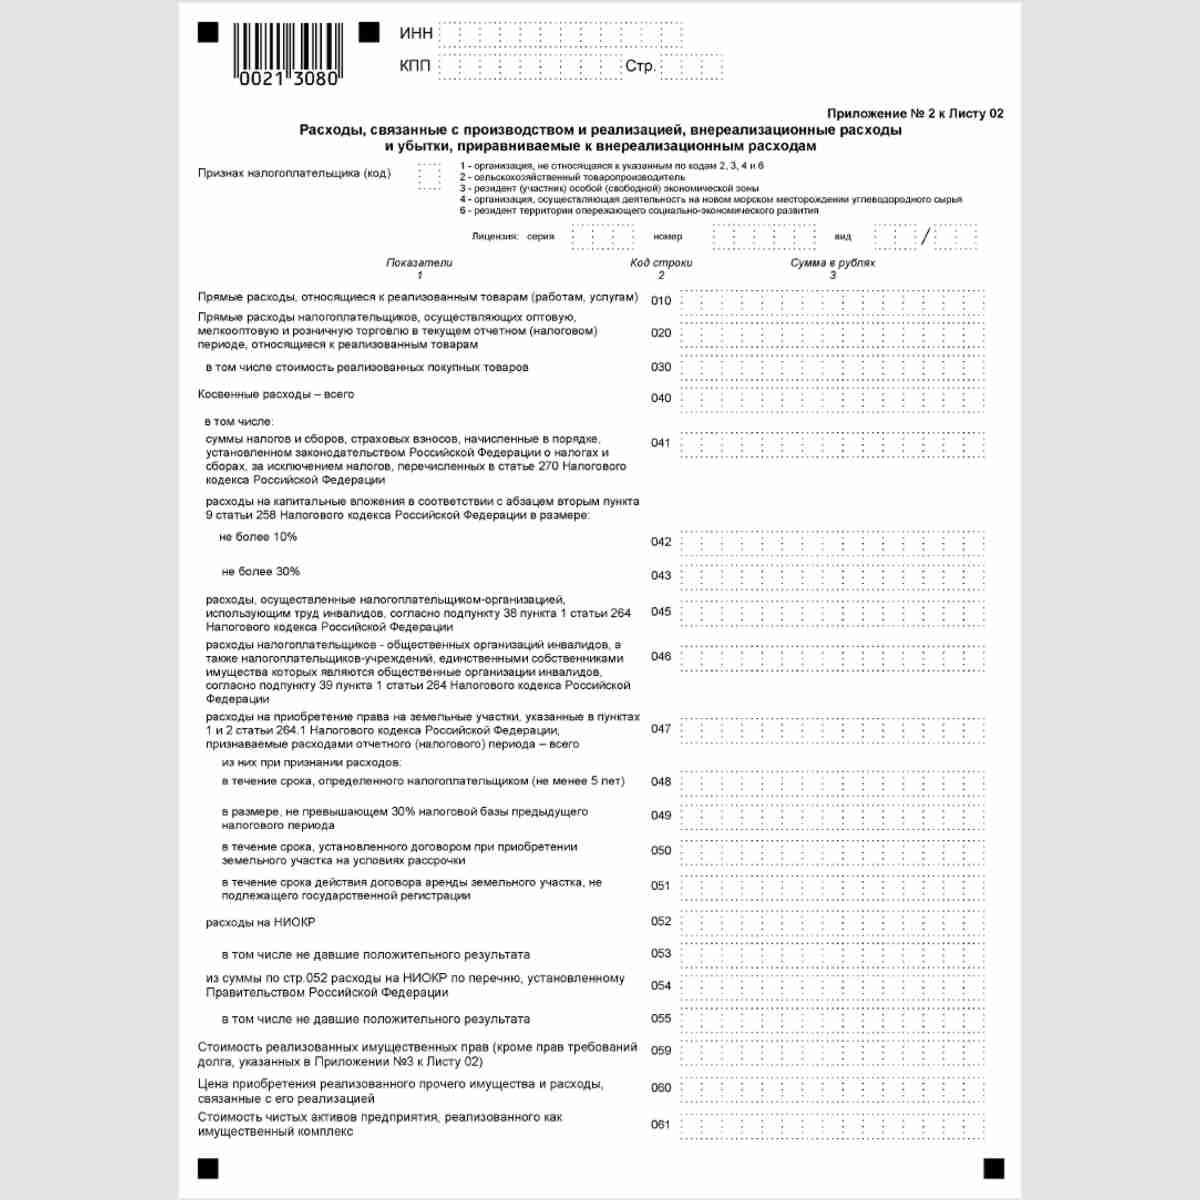 """Форма КНД 1151006 """"Налоговая декларация по налогу на прибыль организаций"""". Лист 02. Приложение№2"""